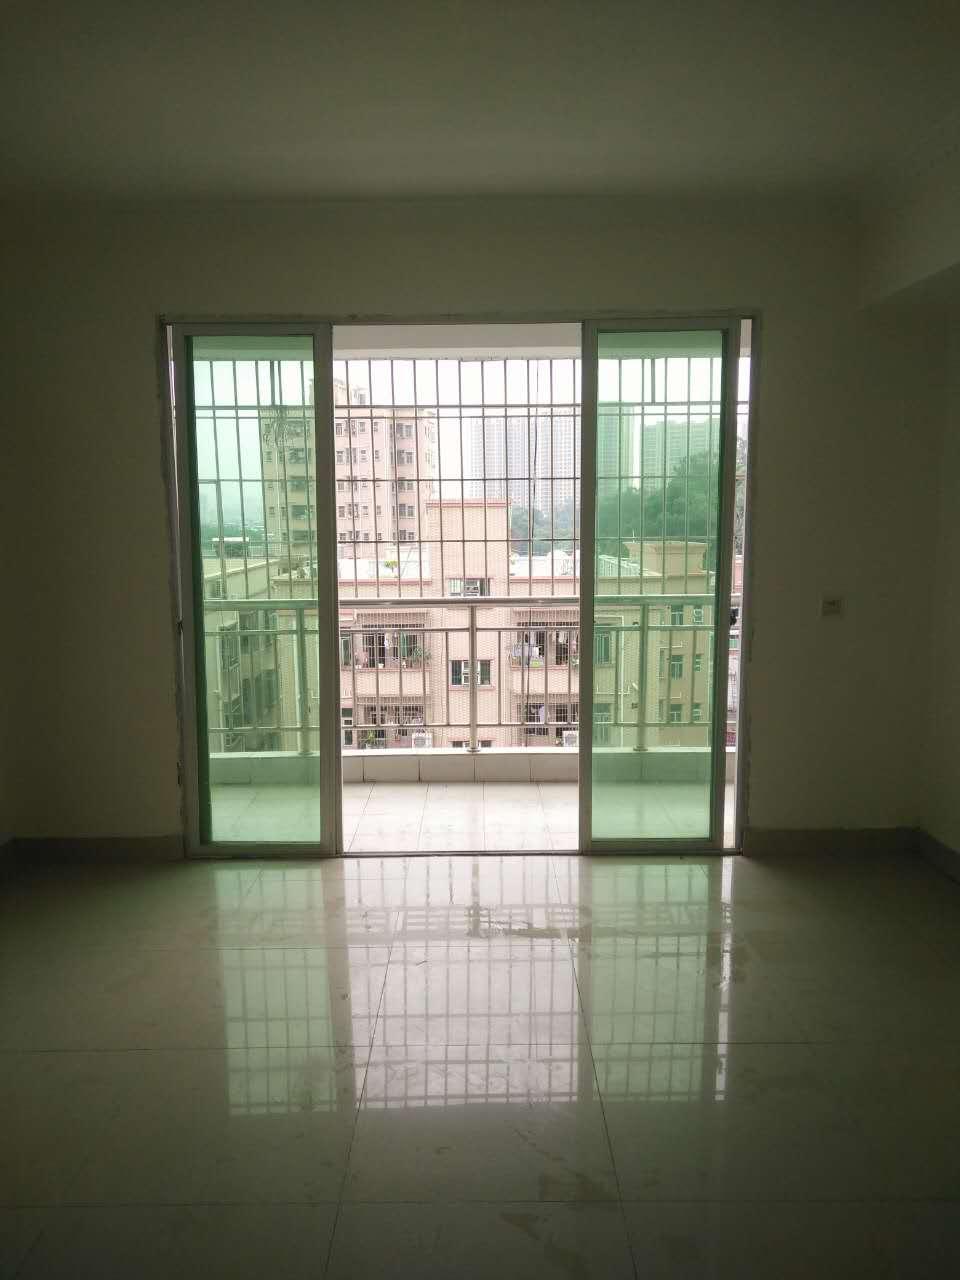 深圳小产权房52万三房85平方米,沙井万丰村农民房带装修出售 搜房 现房 团购 三房二厅 第7张